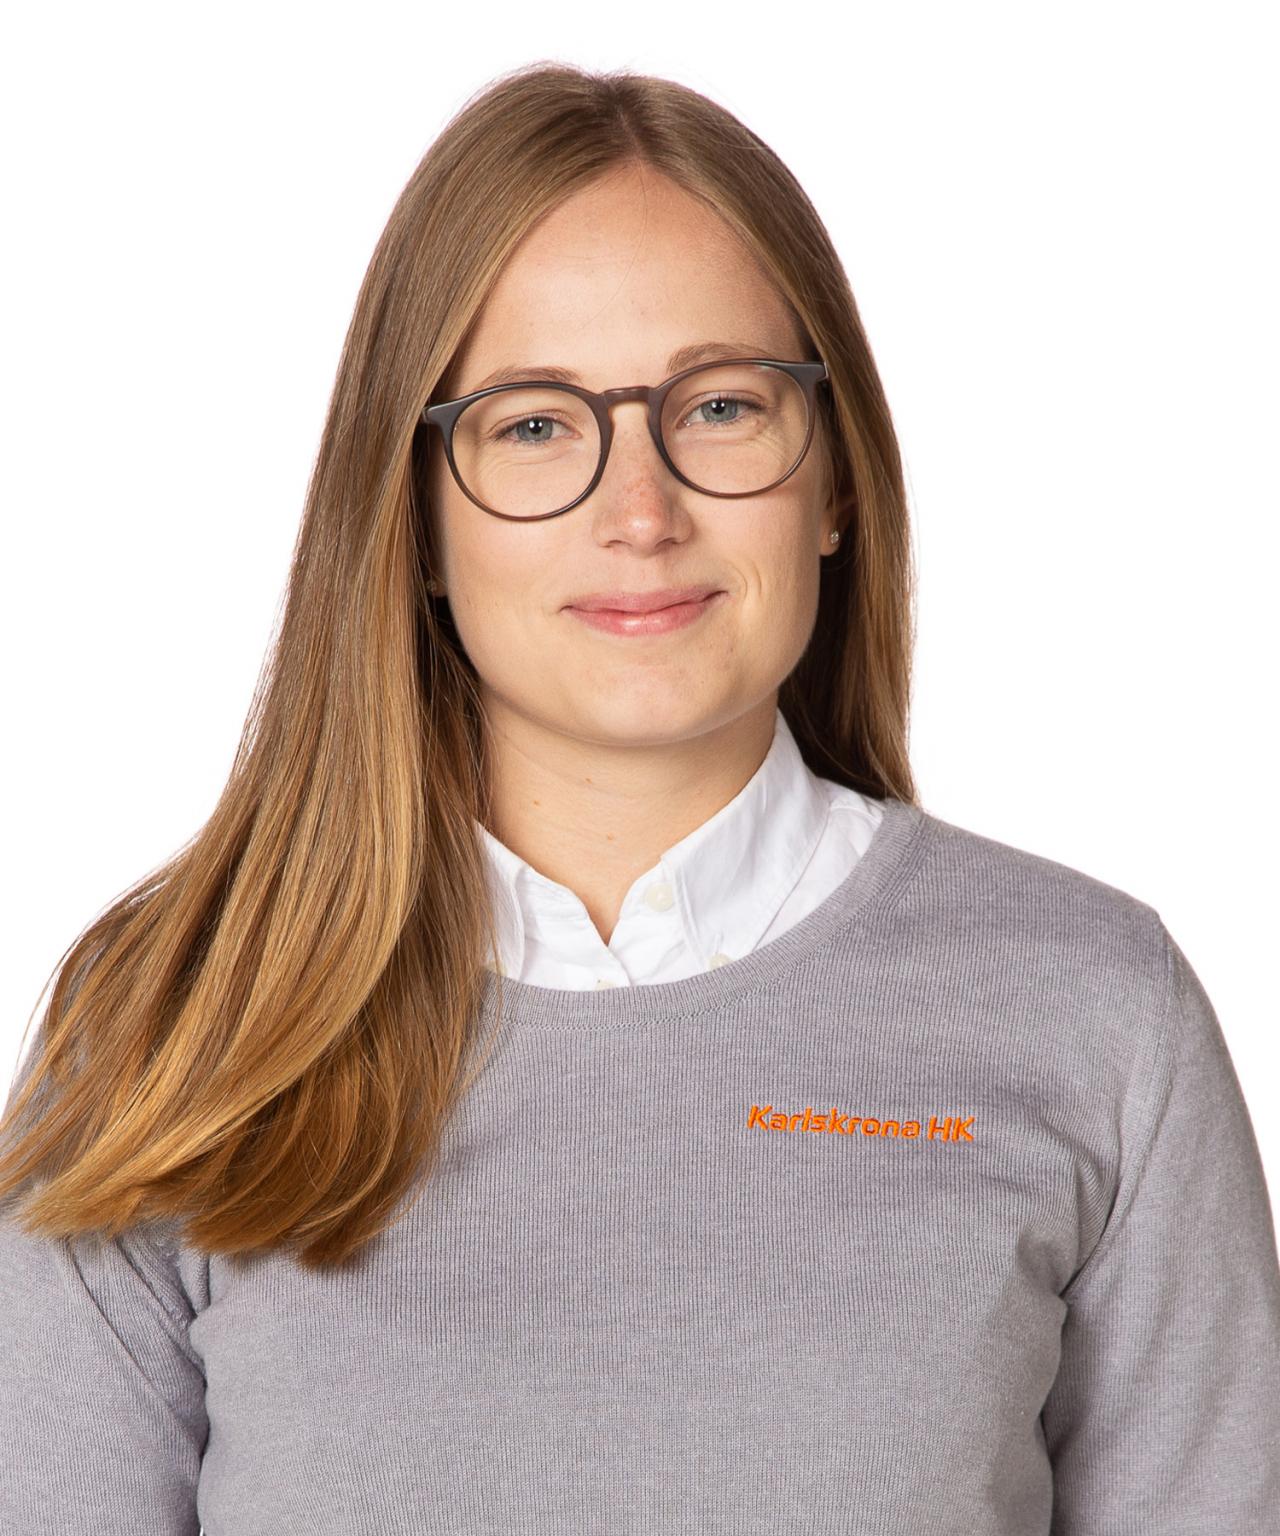 Jenny Lennarthsson